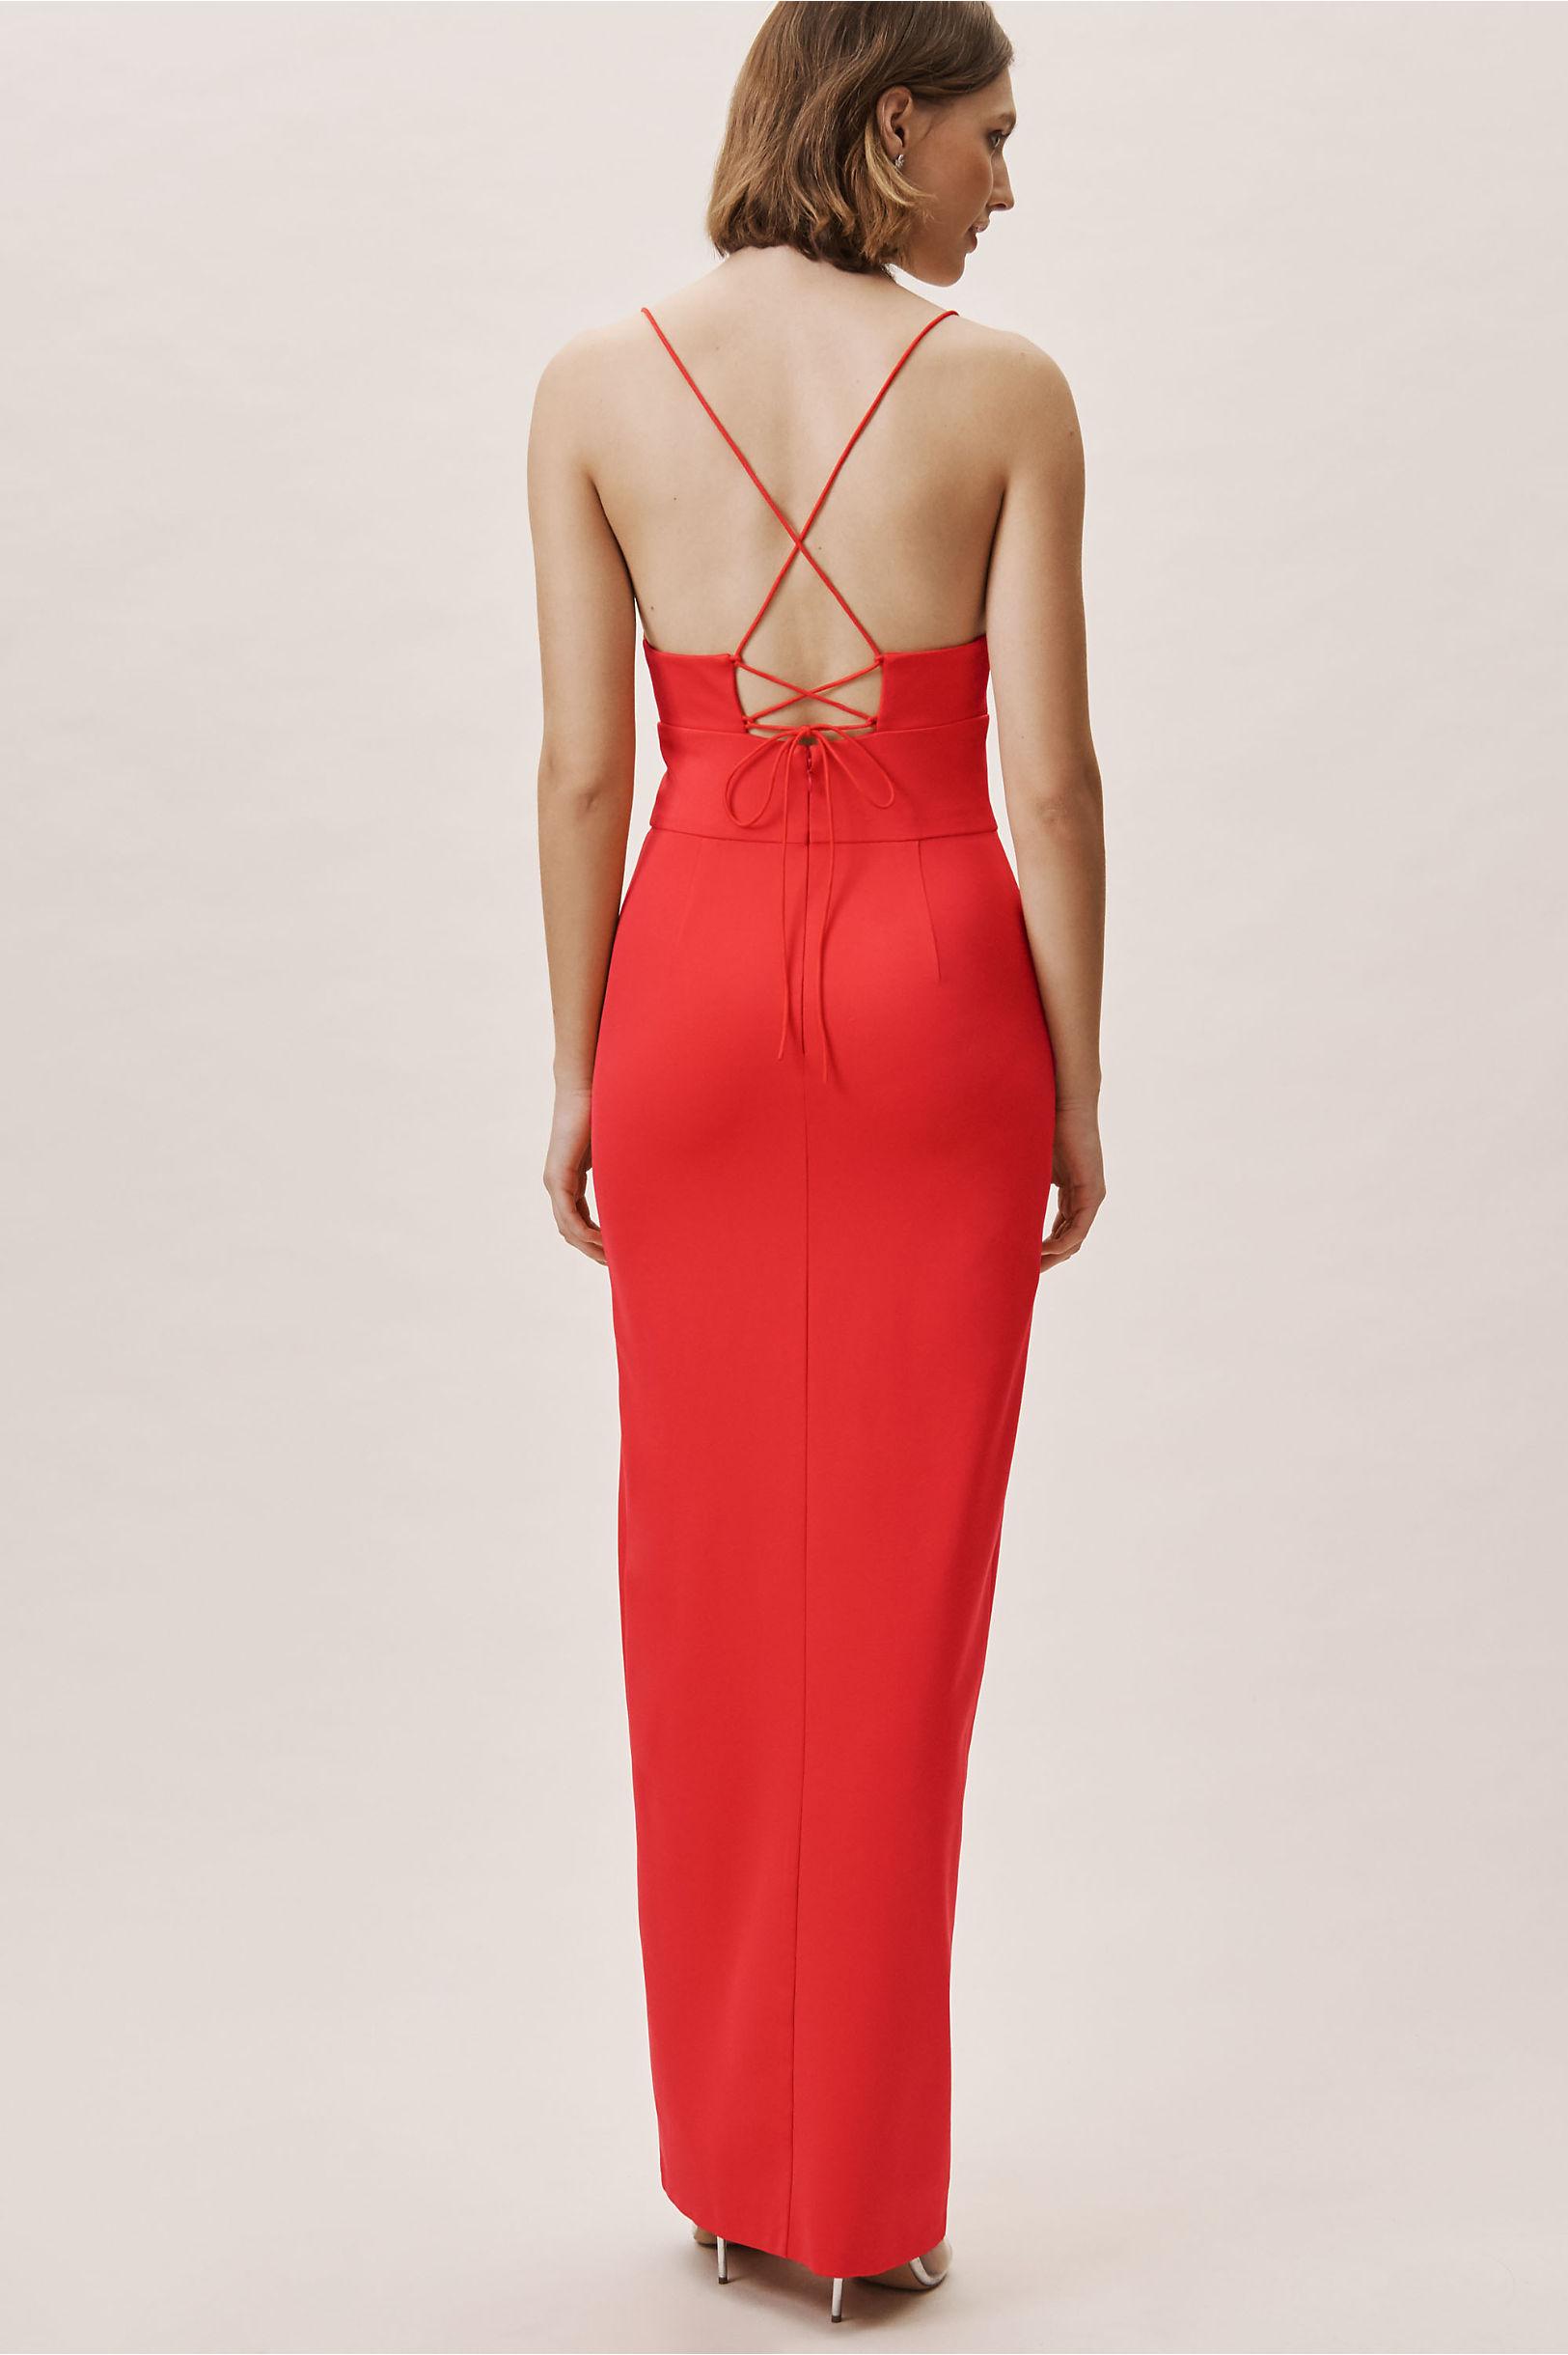 Hot Tomato Dresses